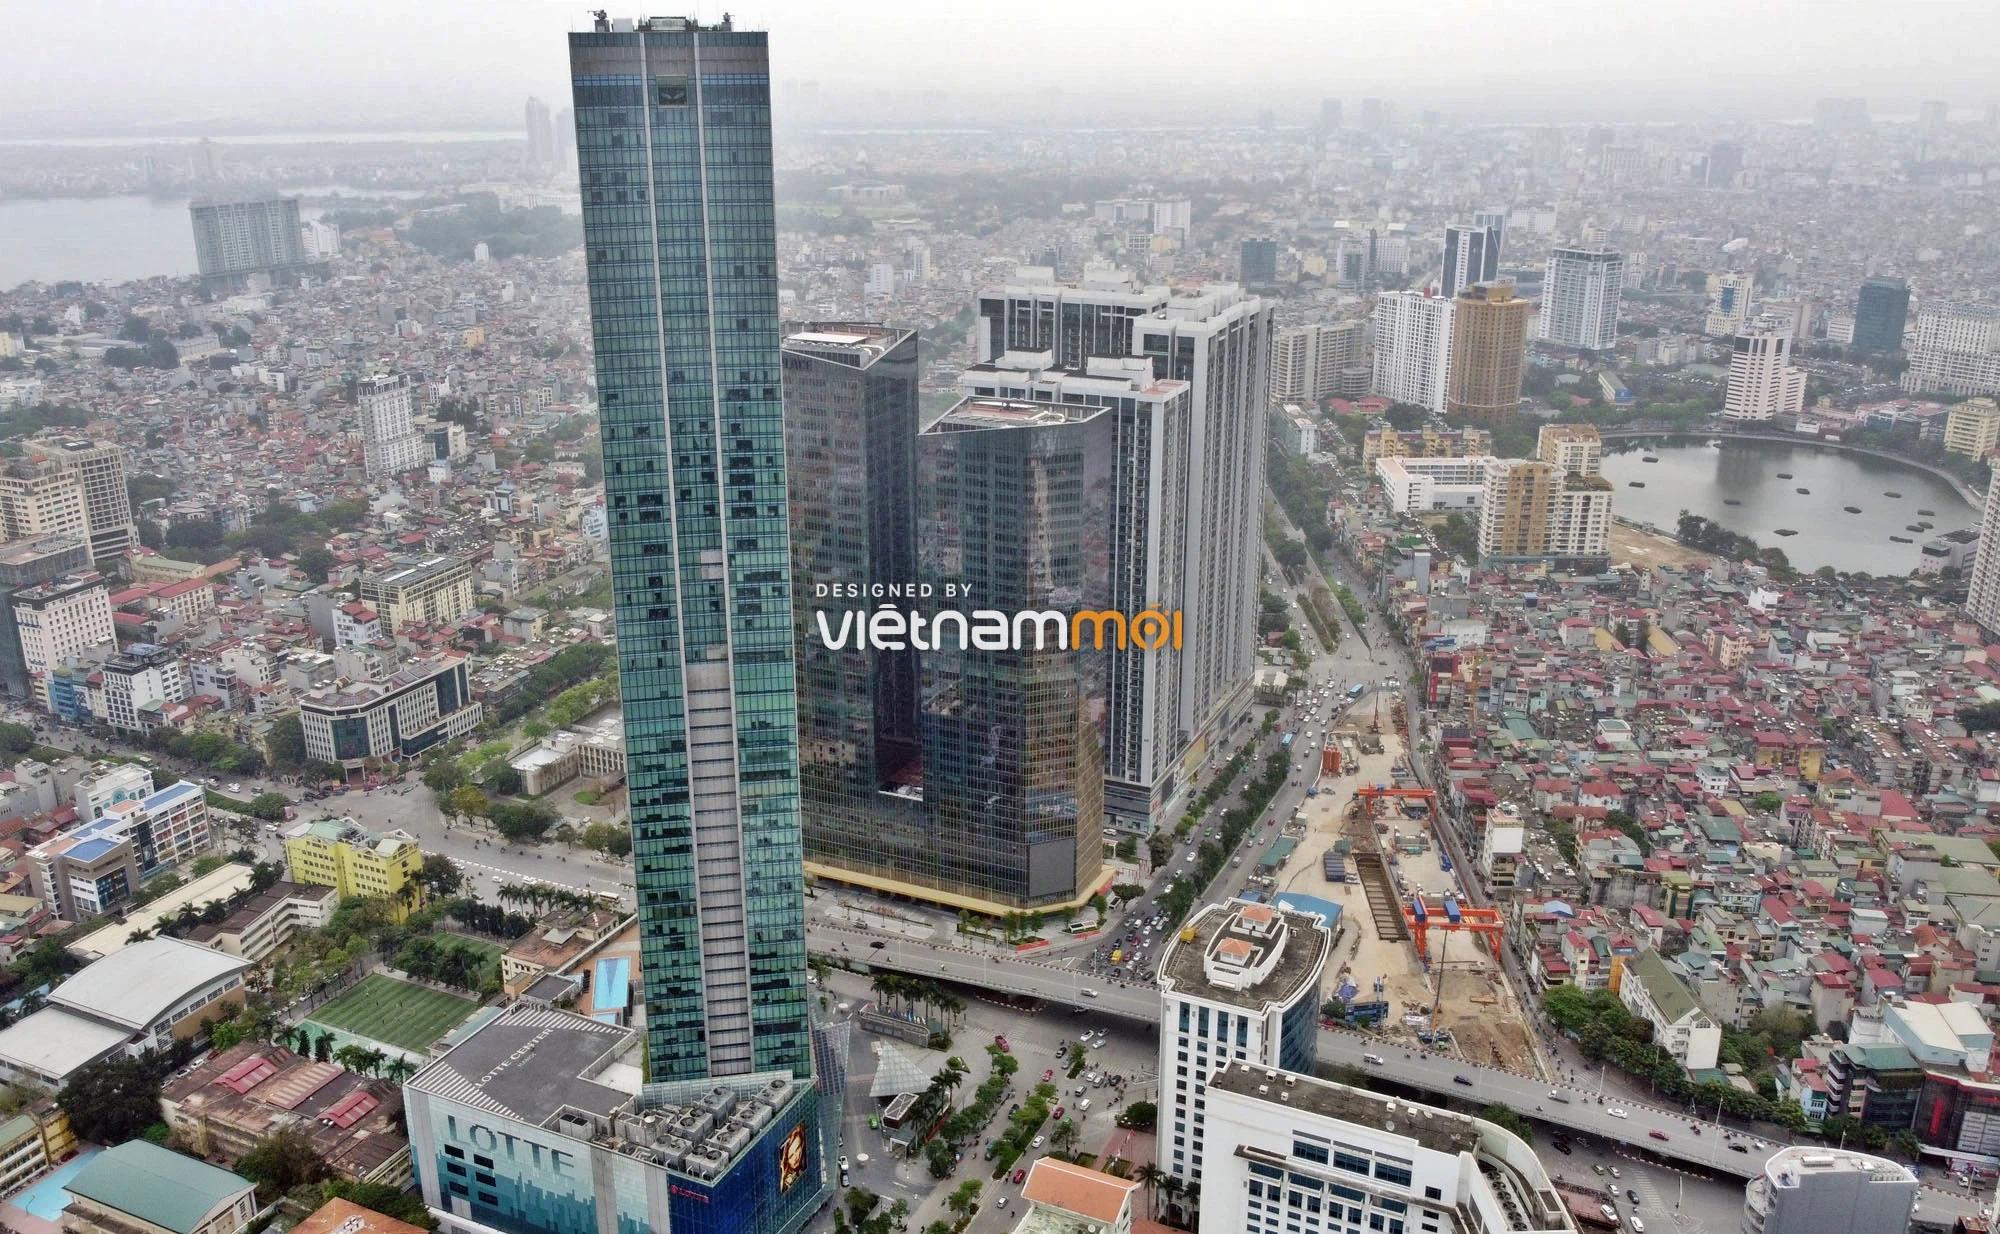 Cận cảnh tòa nhà duy nhất được xây trên 50 tầng ở vùng nội đô lịch sử - Ảnh 3.